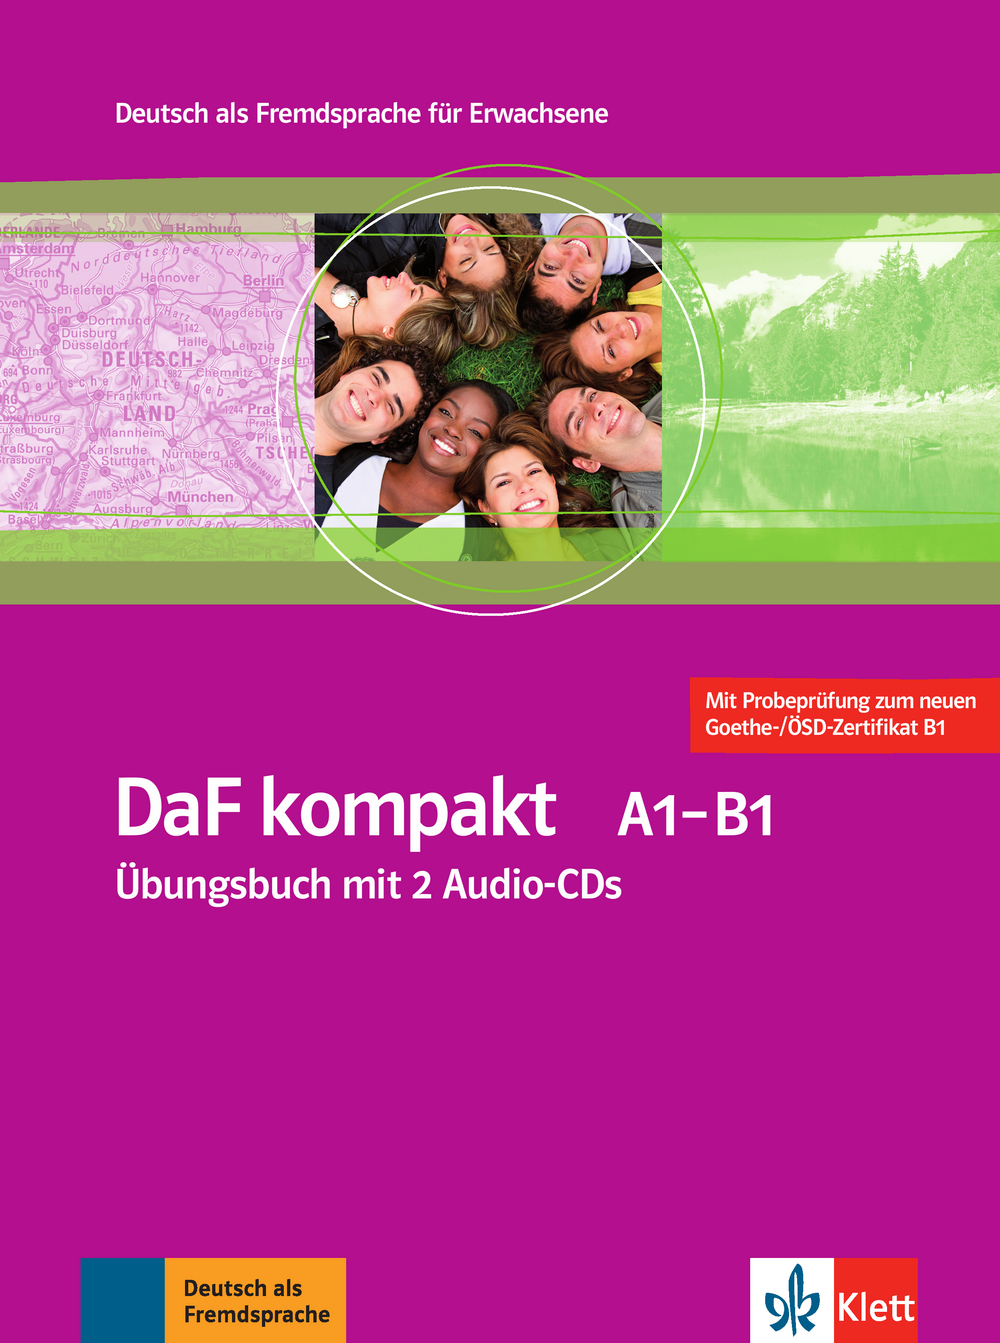 DaF kompakt A1 - B1